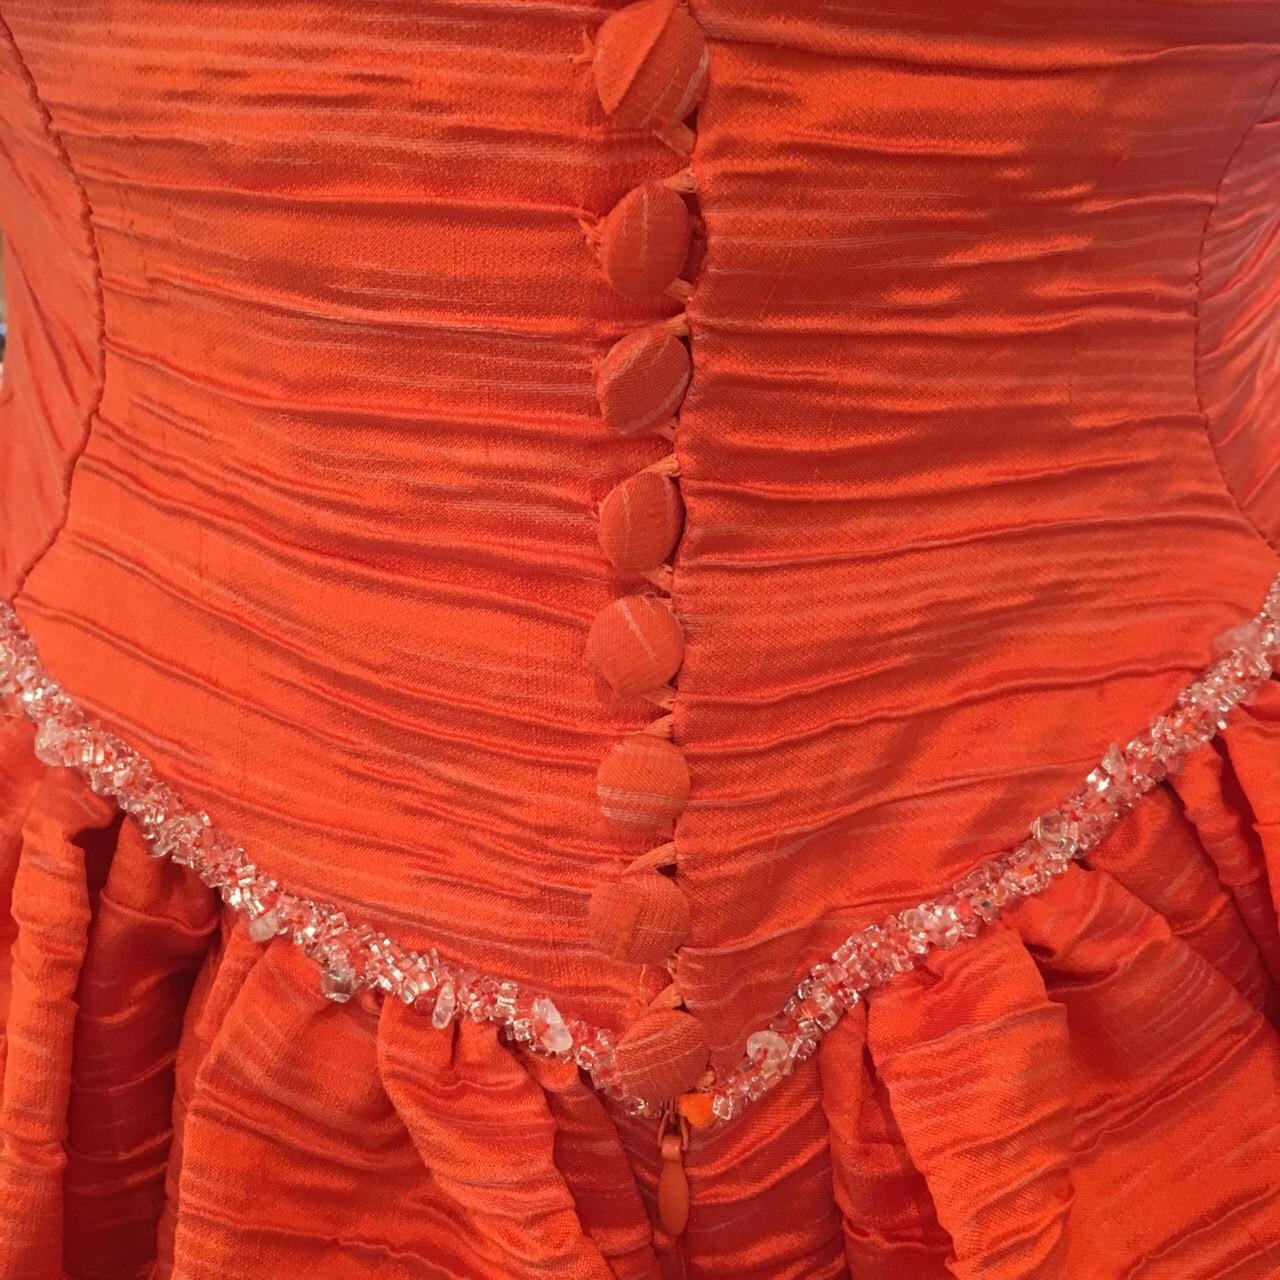 グランマニエのカラードレス|新作カラードレス|オレンジのドレス|オートクチュール